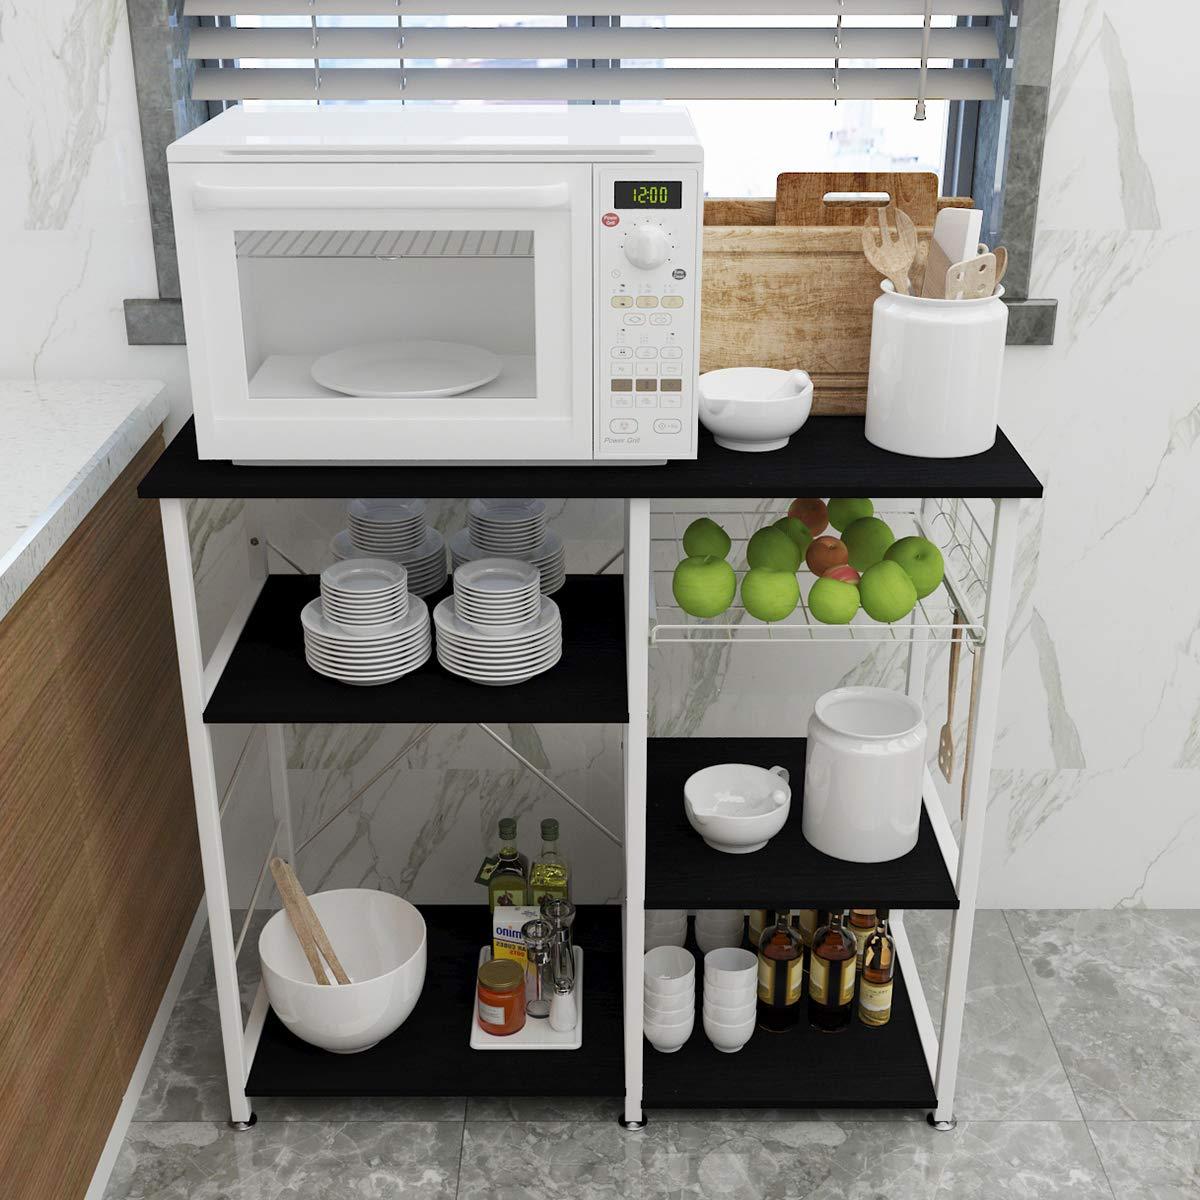 Amazon.com: Sogesfurniture BHUS-W5S - Estante para horno ...